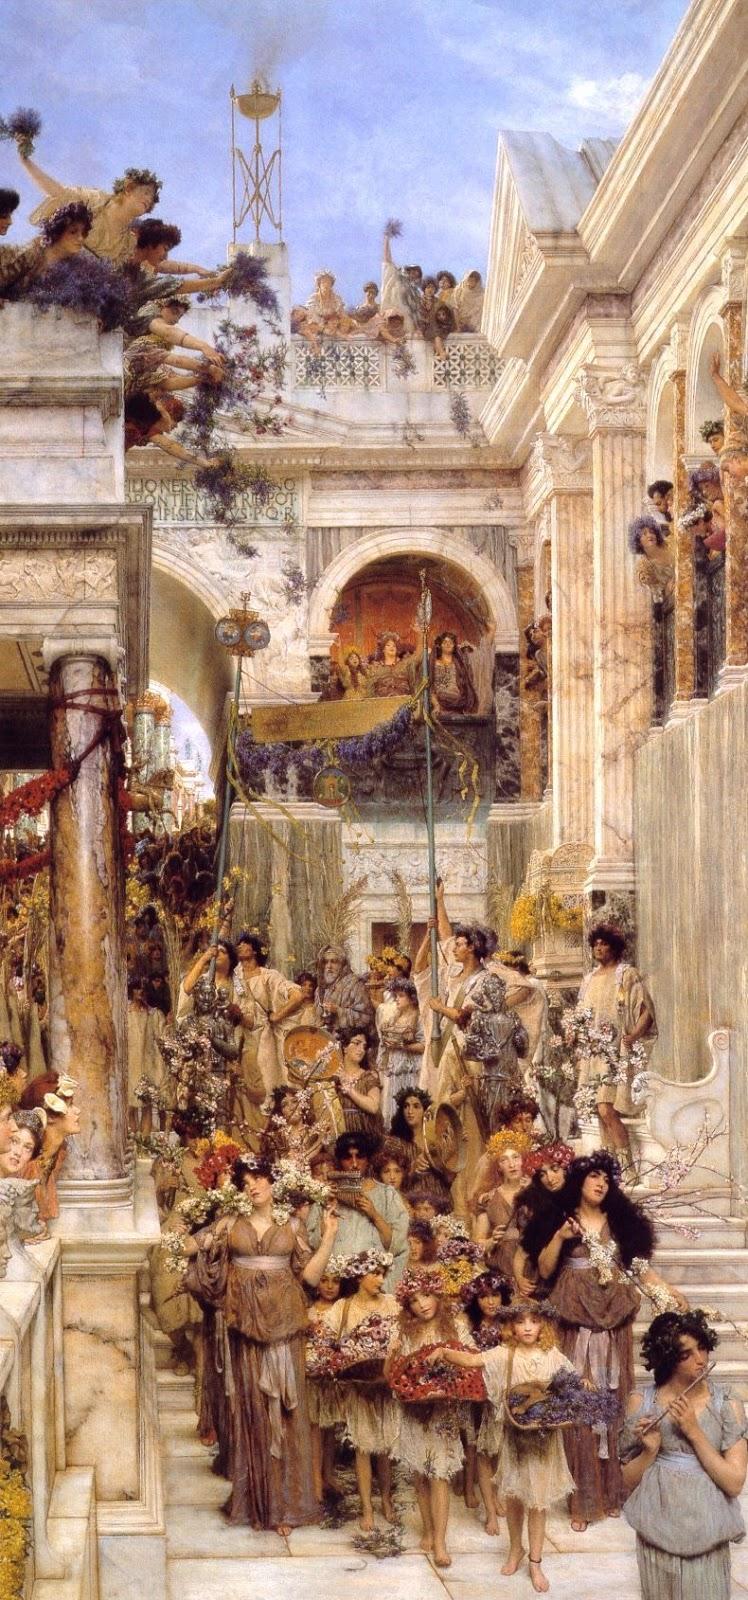 Matrimonio Romano Confarreatio : El siglo de las luces matrimonio en la roma clásica